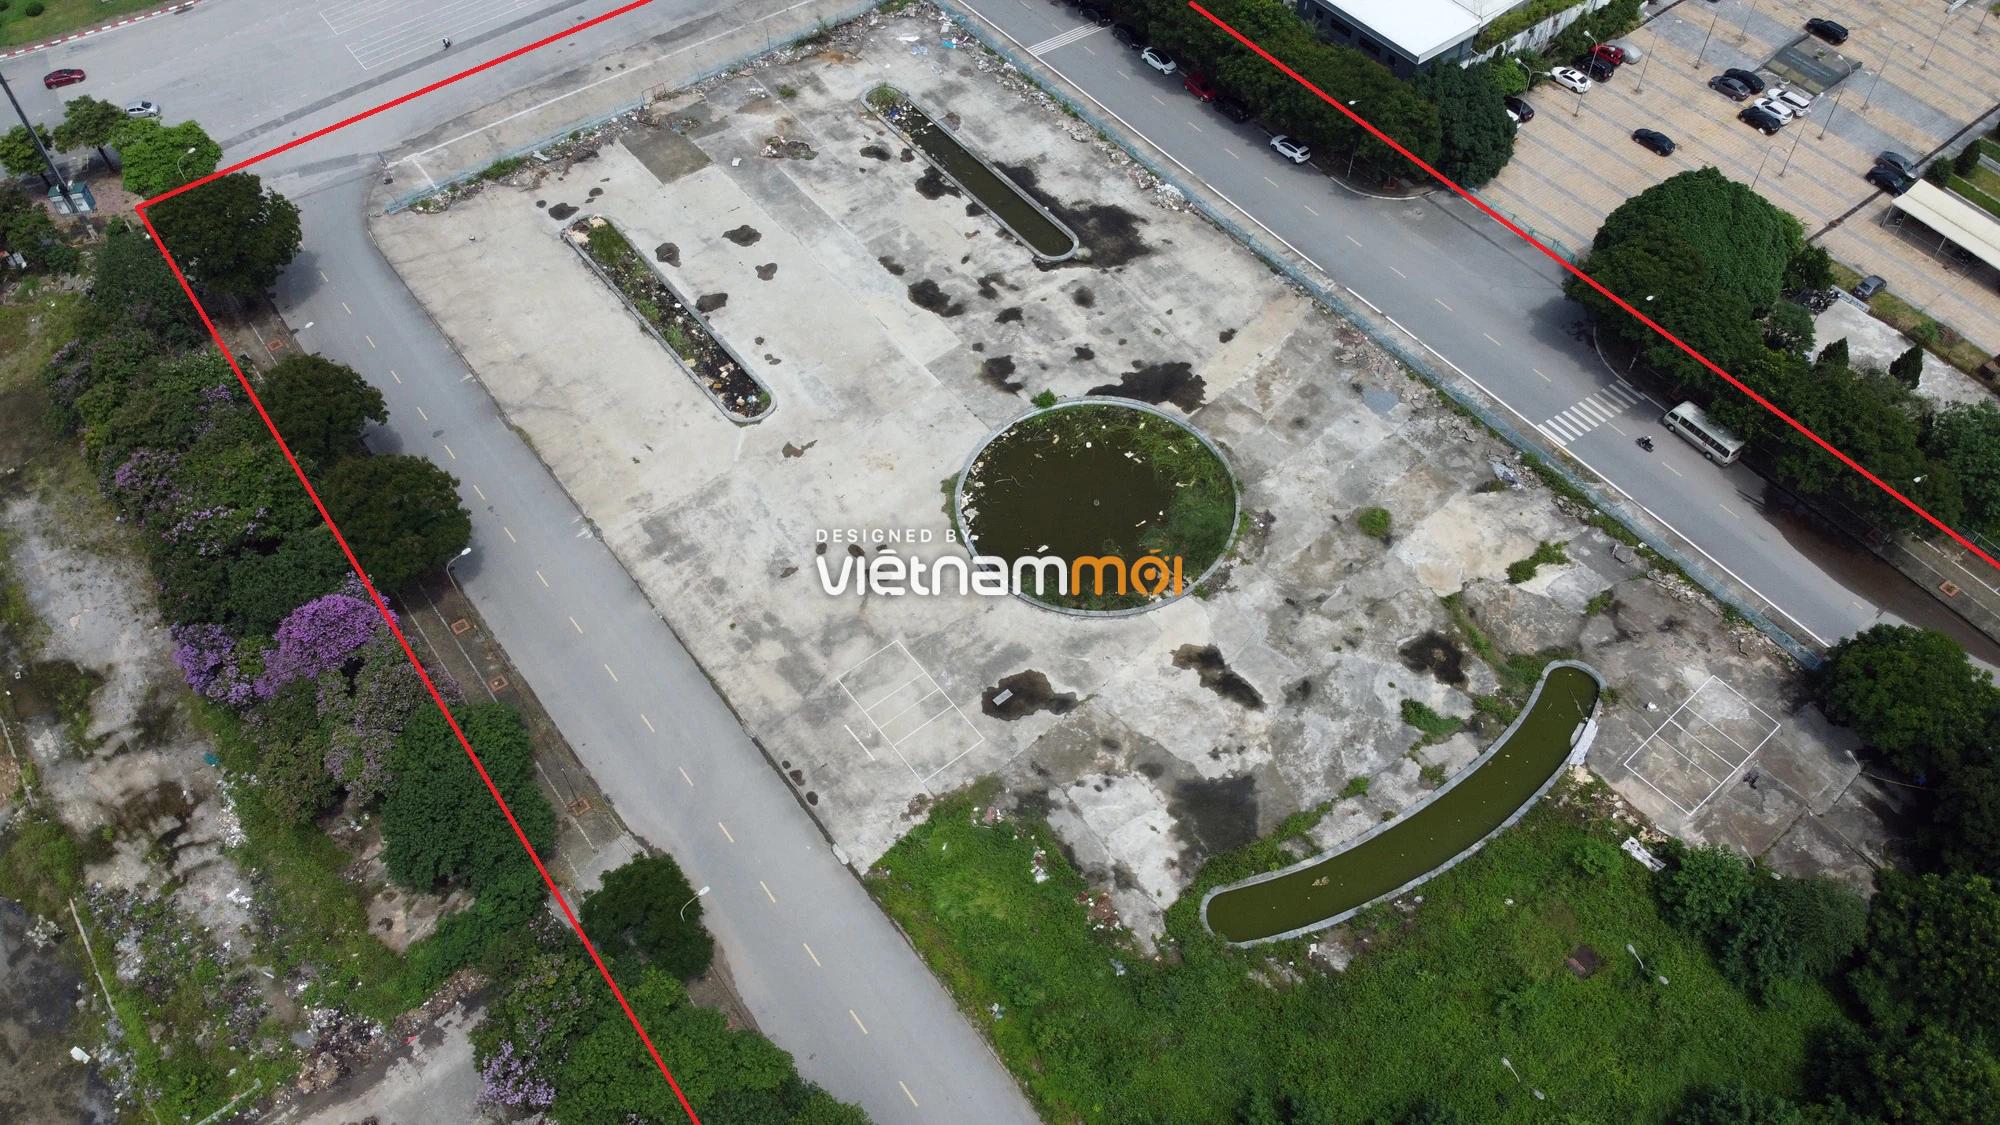 Những khu đất sắp thu hồi để mở đường ở phường Mỹ Đình 1, Nam Từ Liêm, Hà Nội (phần 1) - Ảnh 4.